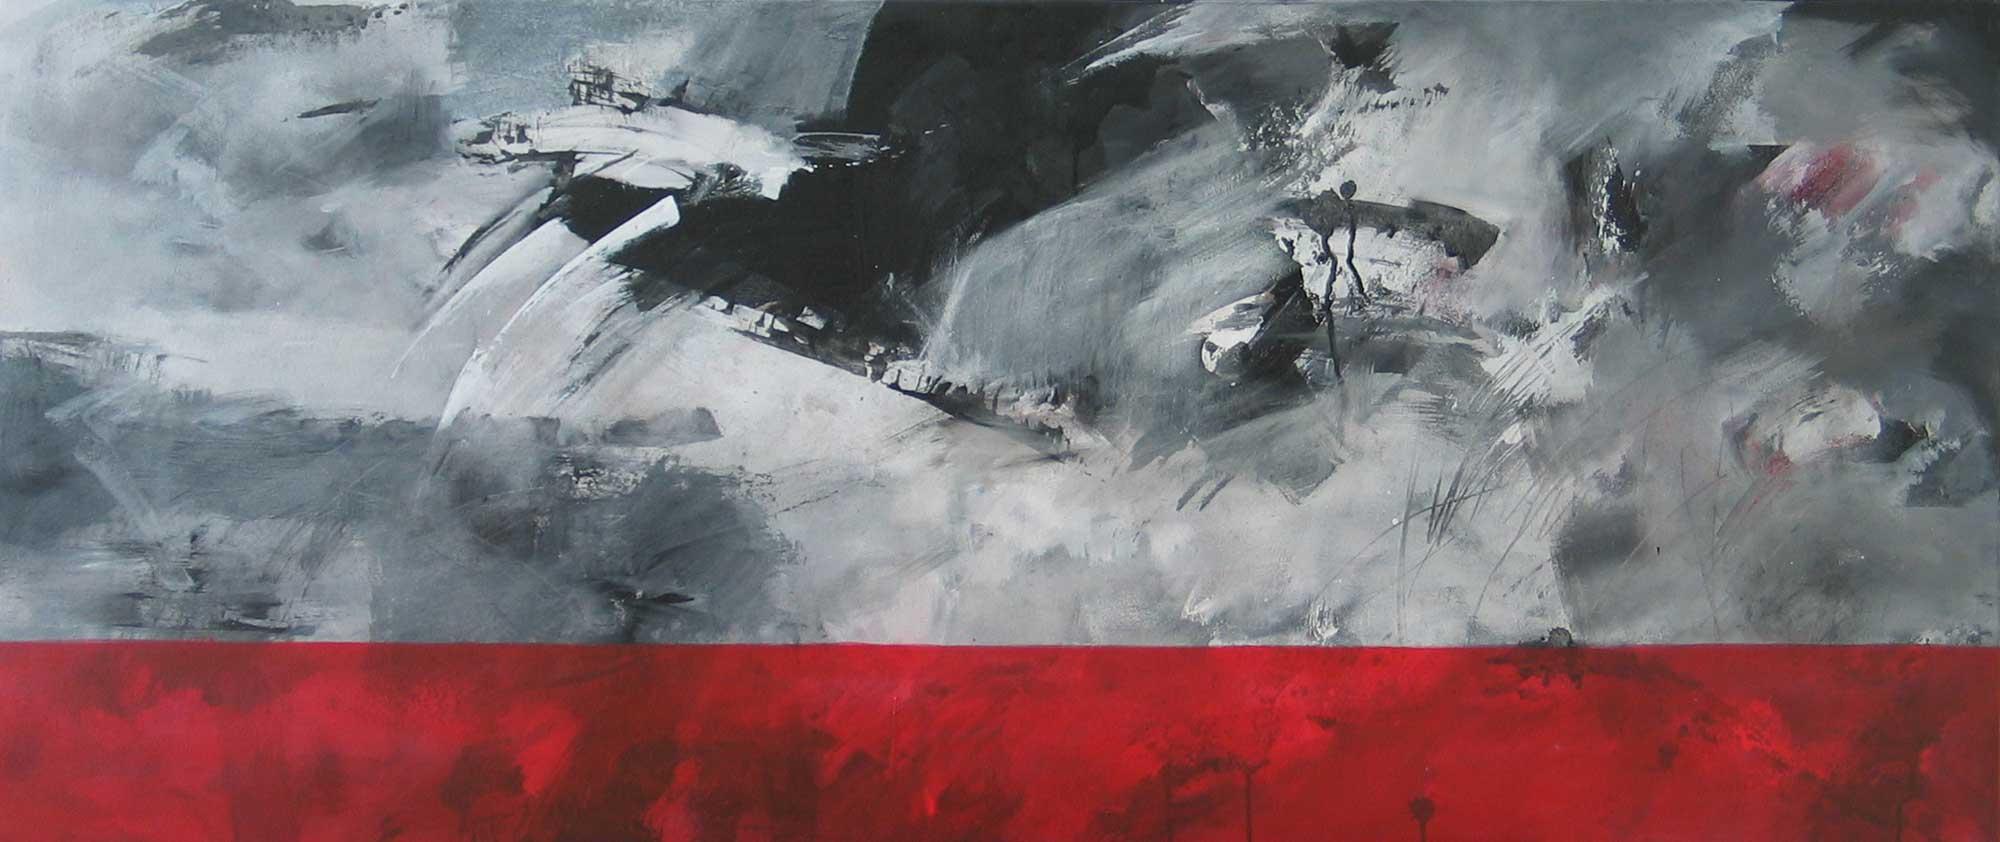 #20092 | Variationen zu einem Thema #23 | Acryl auf Leinwand | 60 x 140 cm